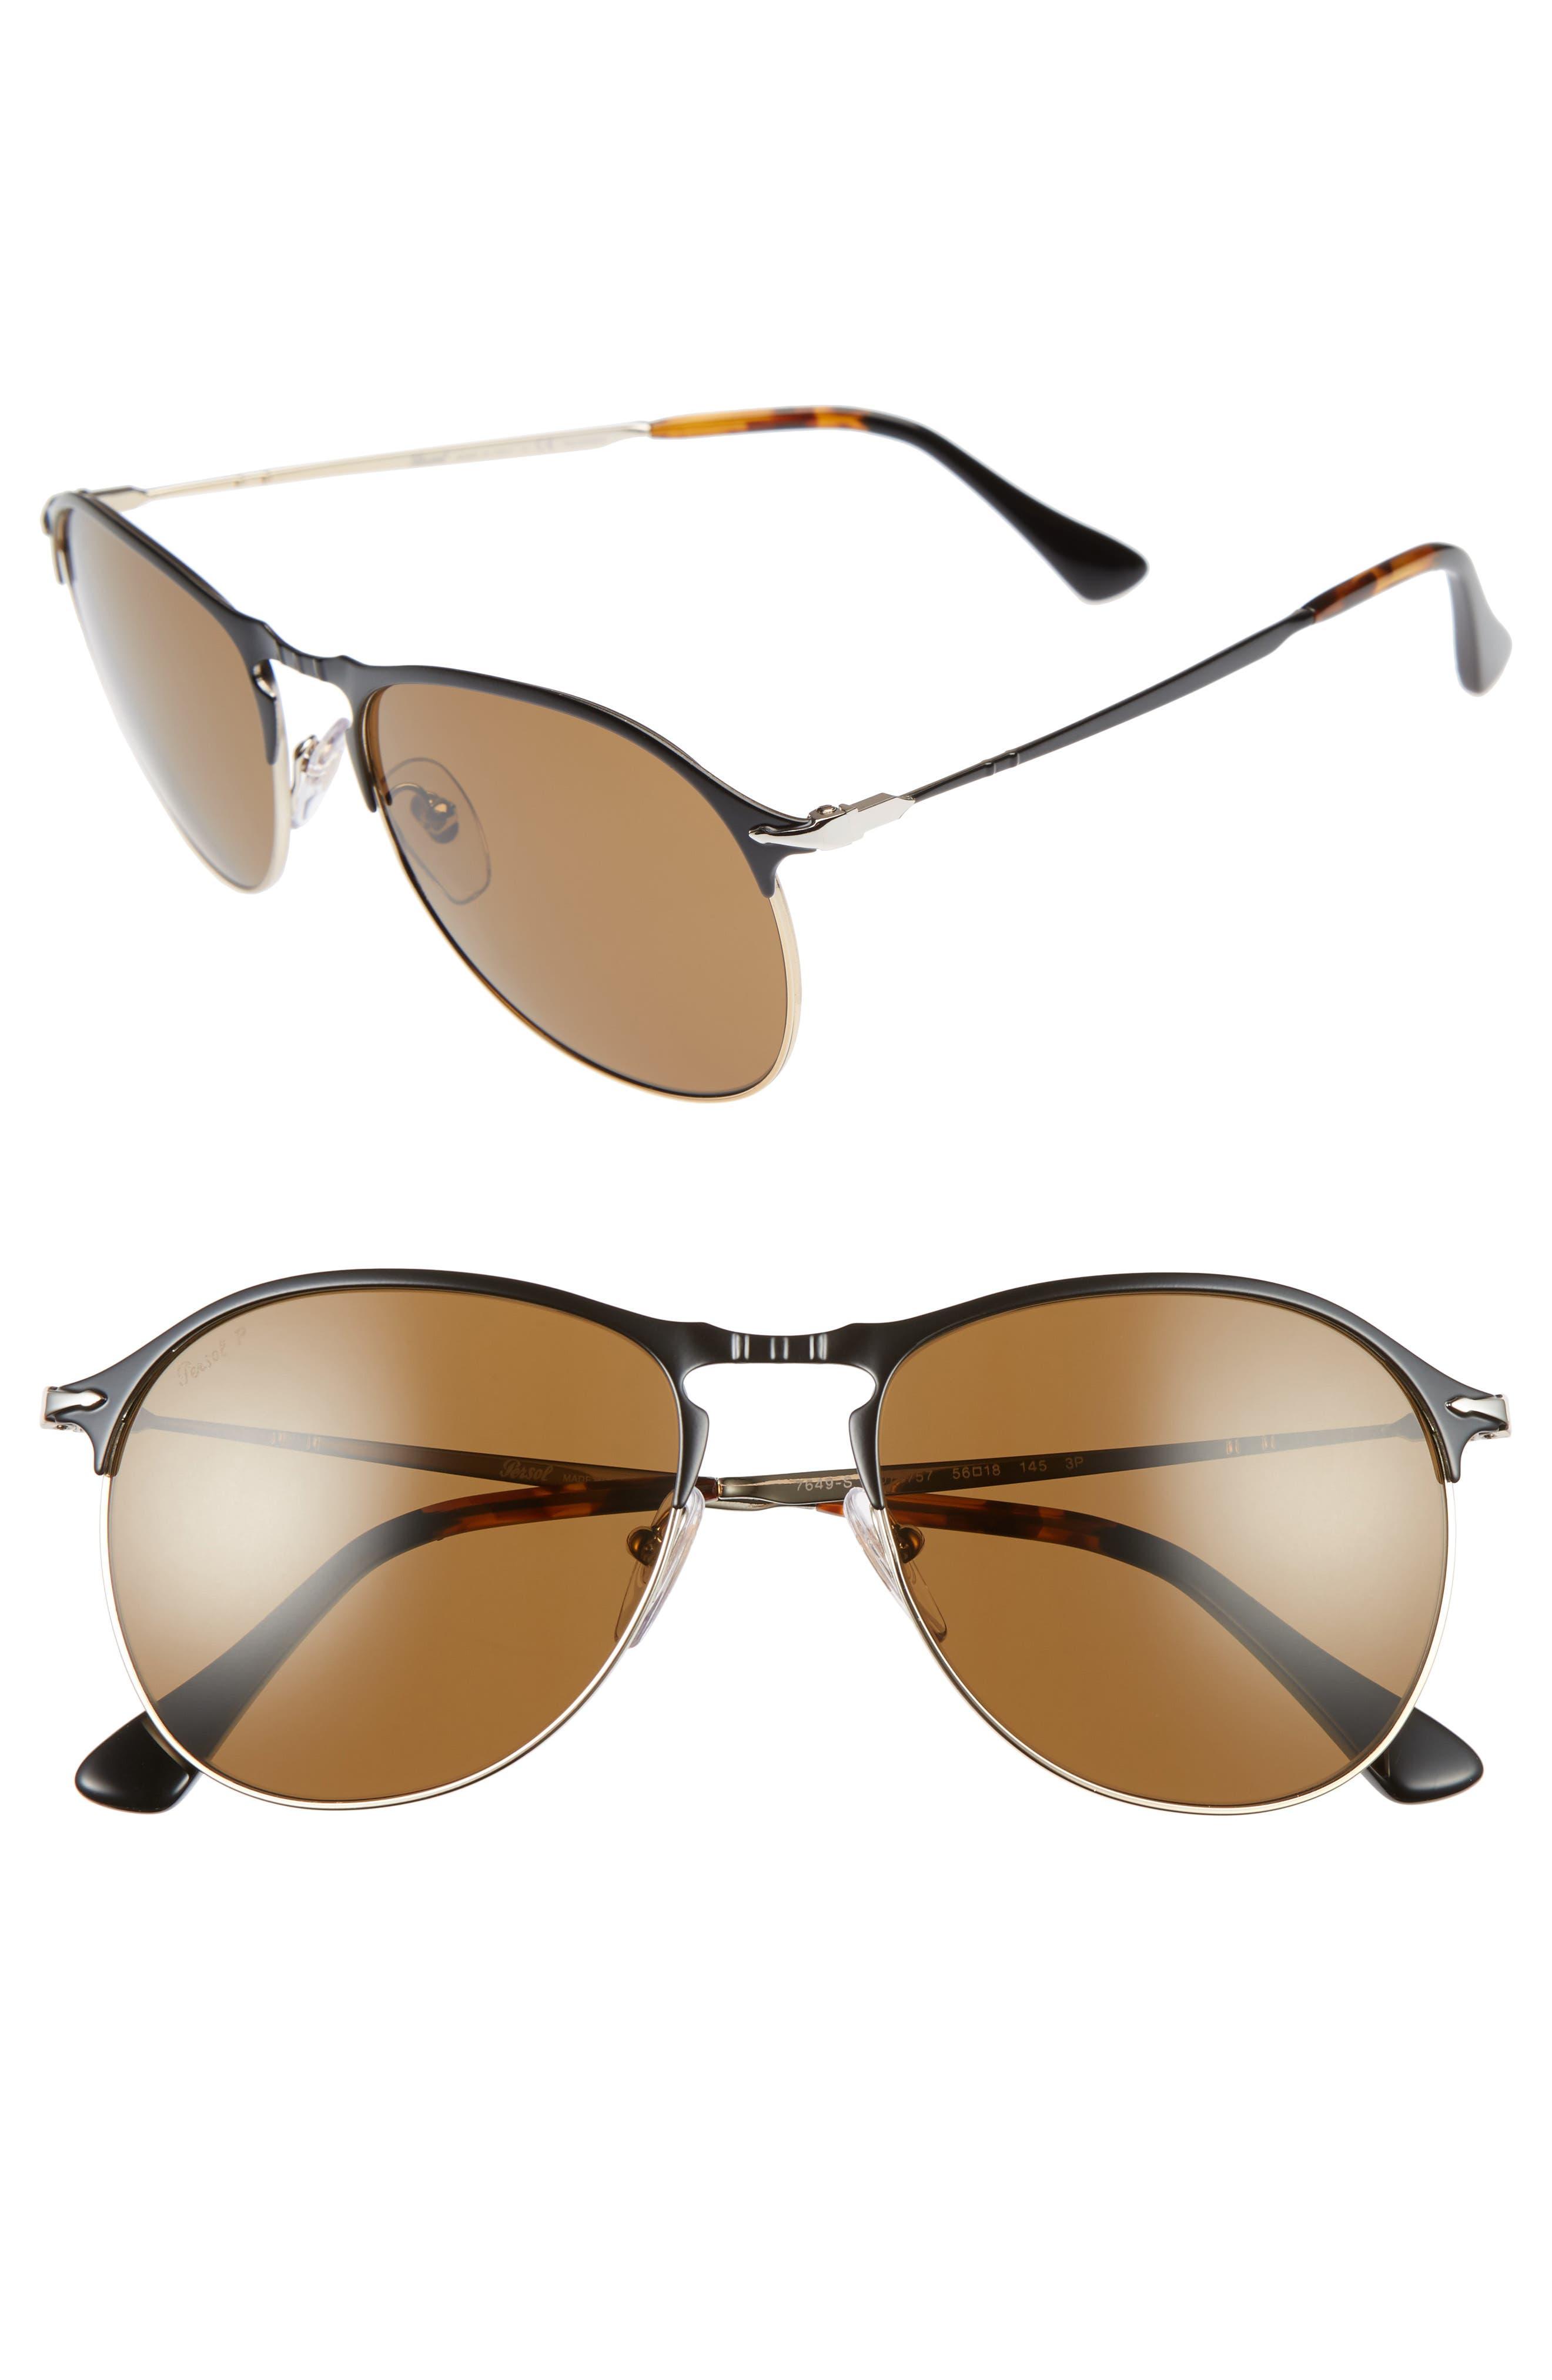 Persol Sartoria 56mm Polarized Aviator Sunglasses